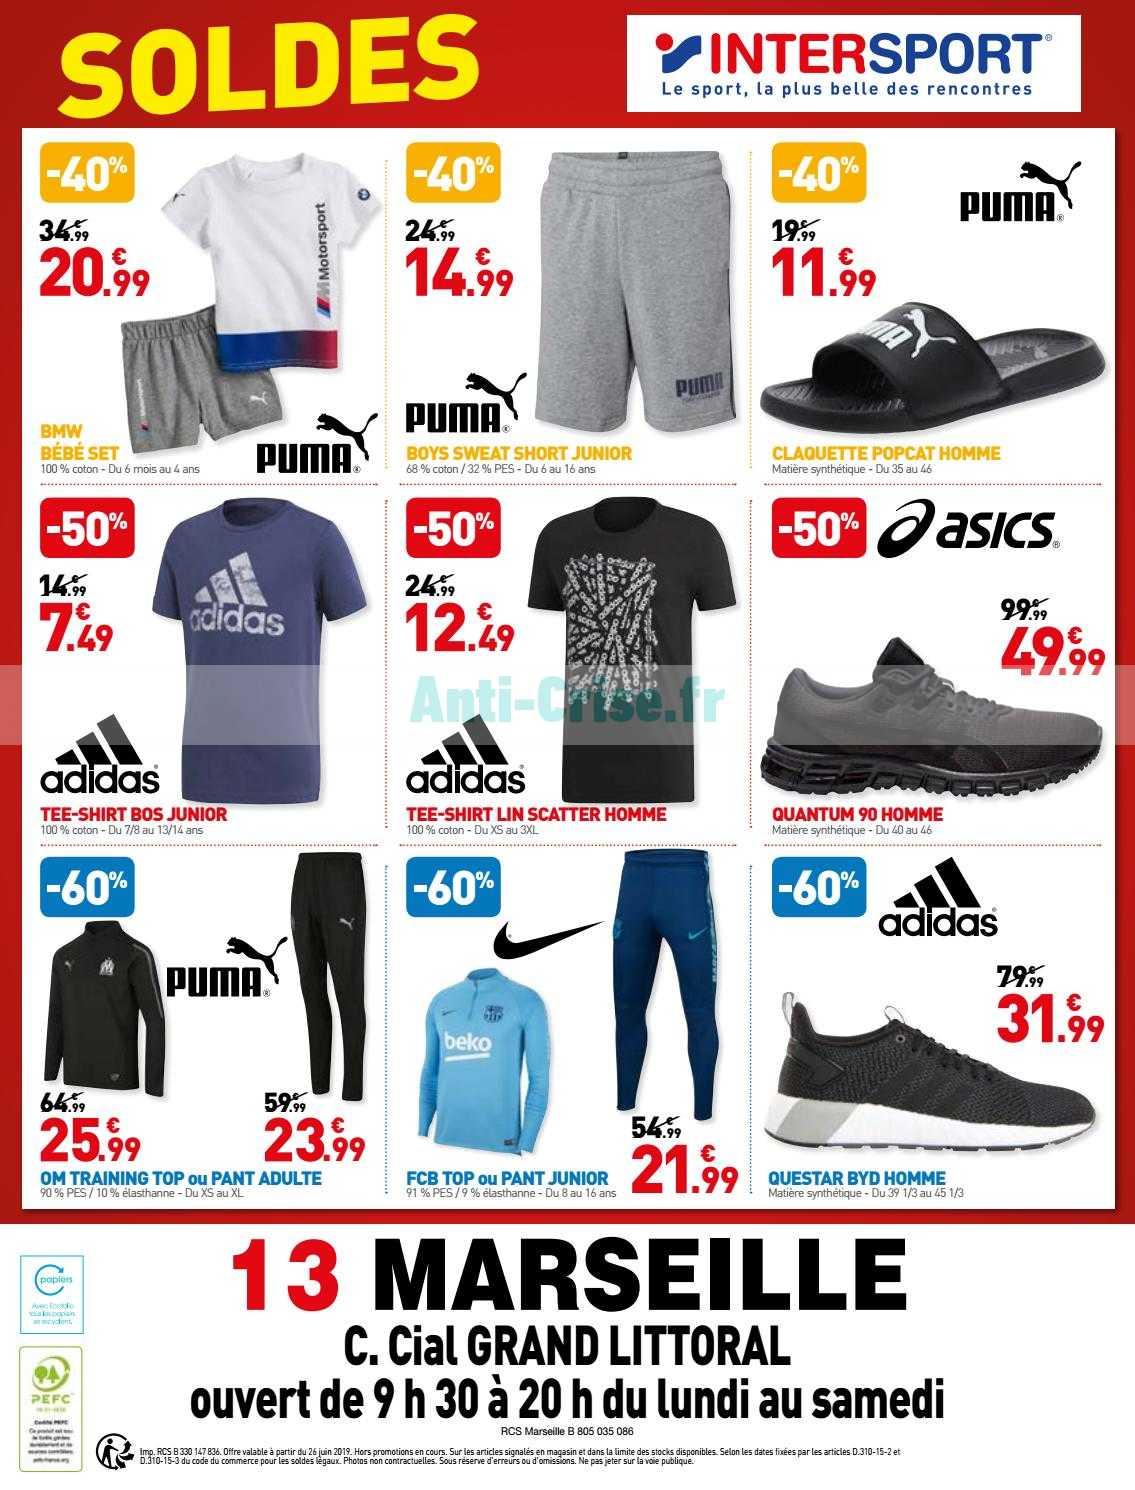 Catalogue Intersport Du 26 Juin Au 06 Aout 2019 Catalogues Promos Bons Plans Economisez Anti Crise Fr